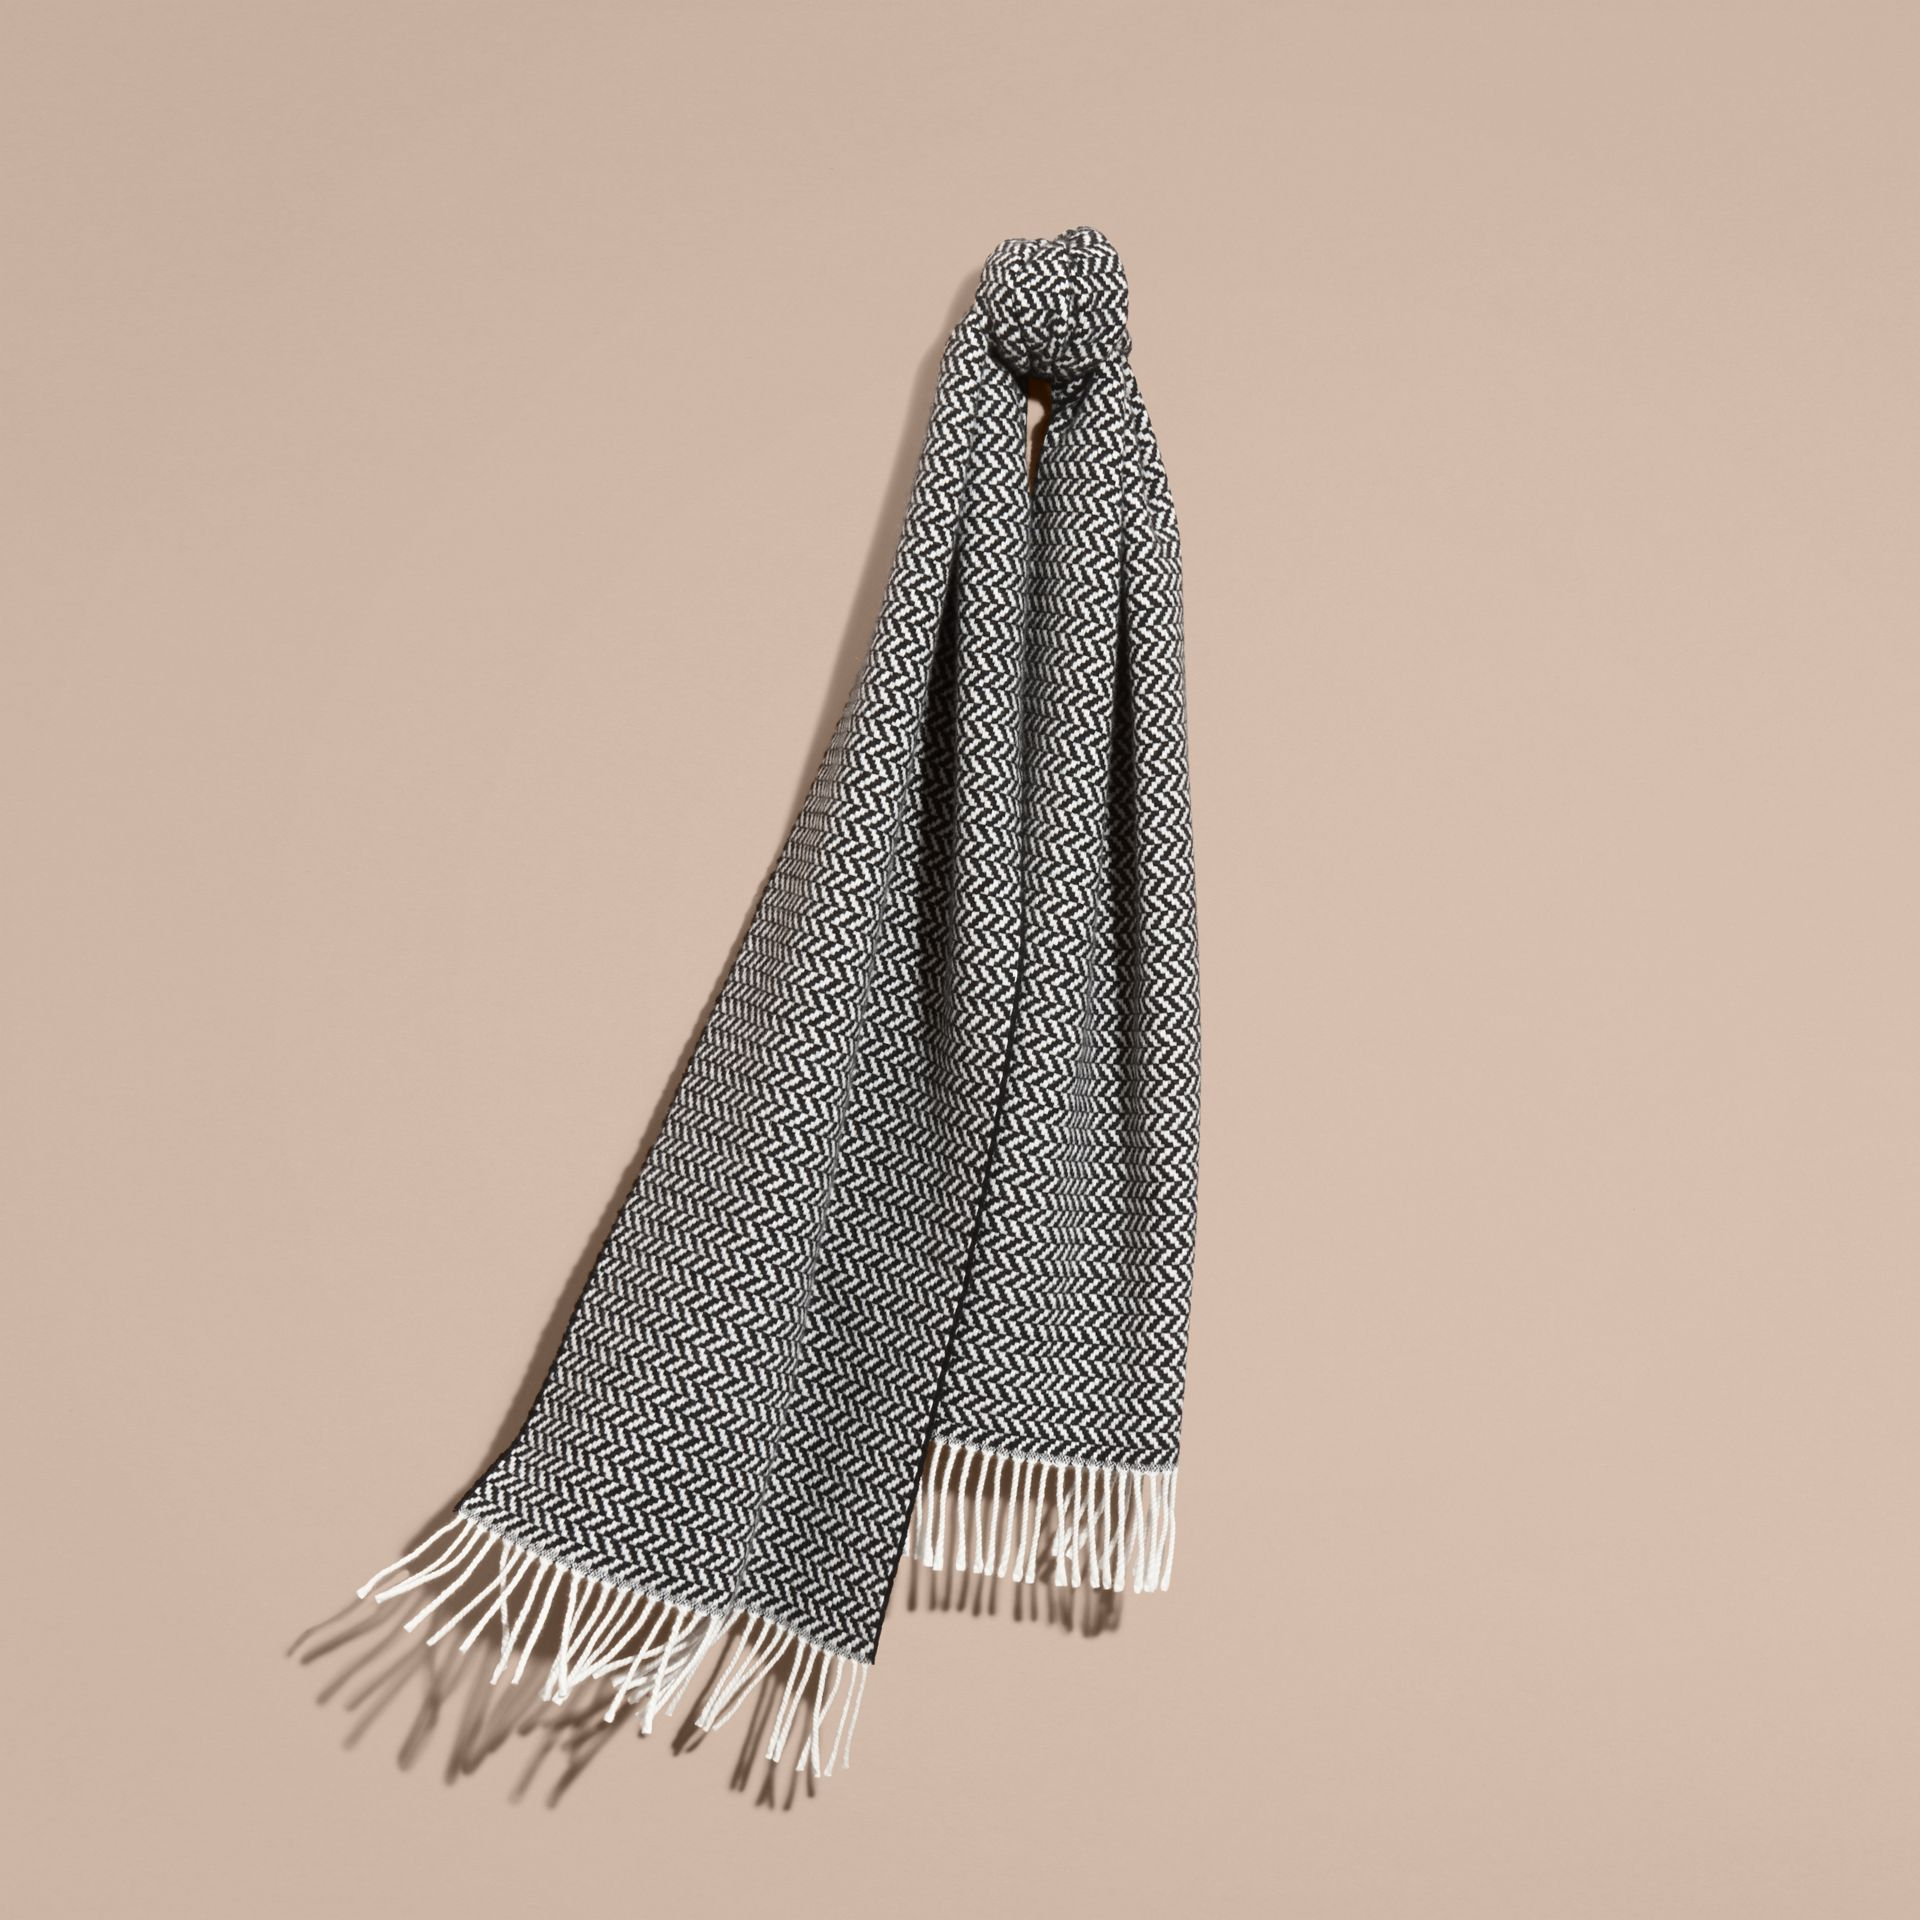 ブラック/ホワイト チャンキーヘリンボーン ウールカシミア スカーフ - ギャラリーイメージ 1